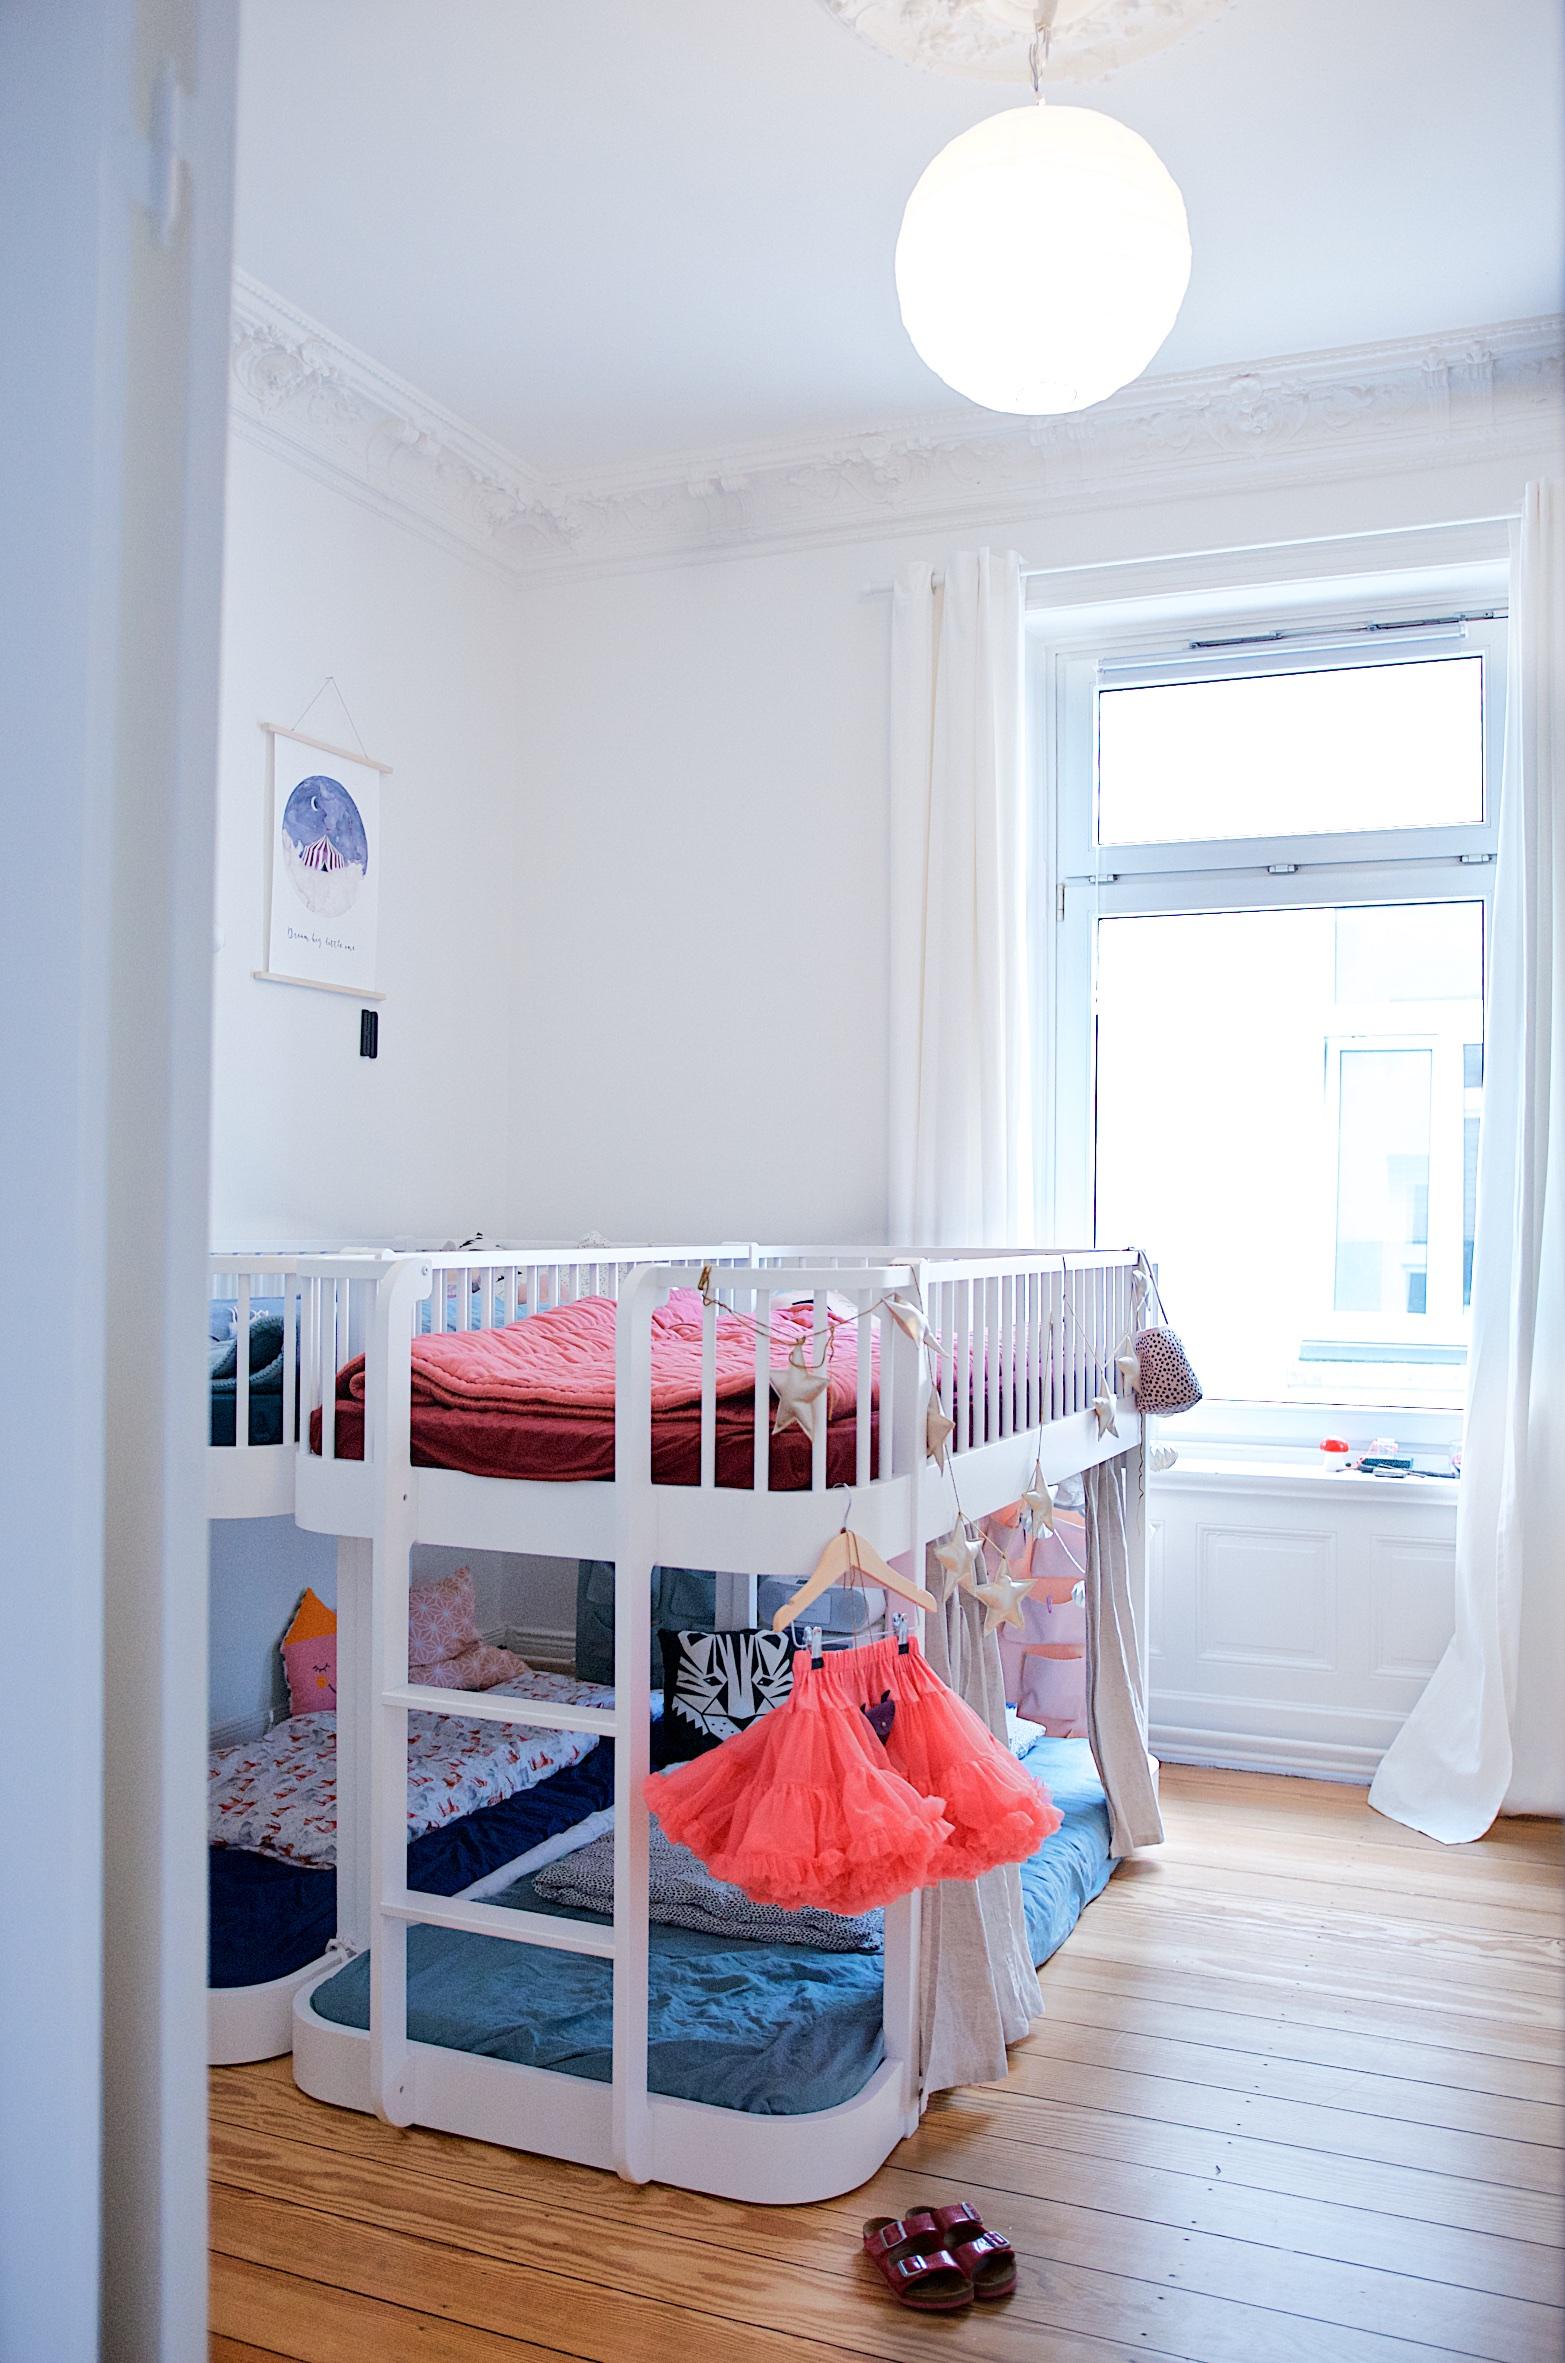 Kinderzimmer mit Hochbetten von Oliver Furniture